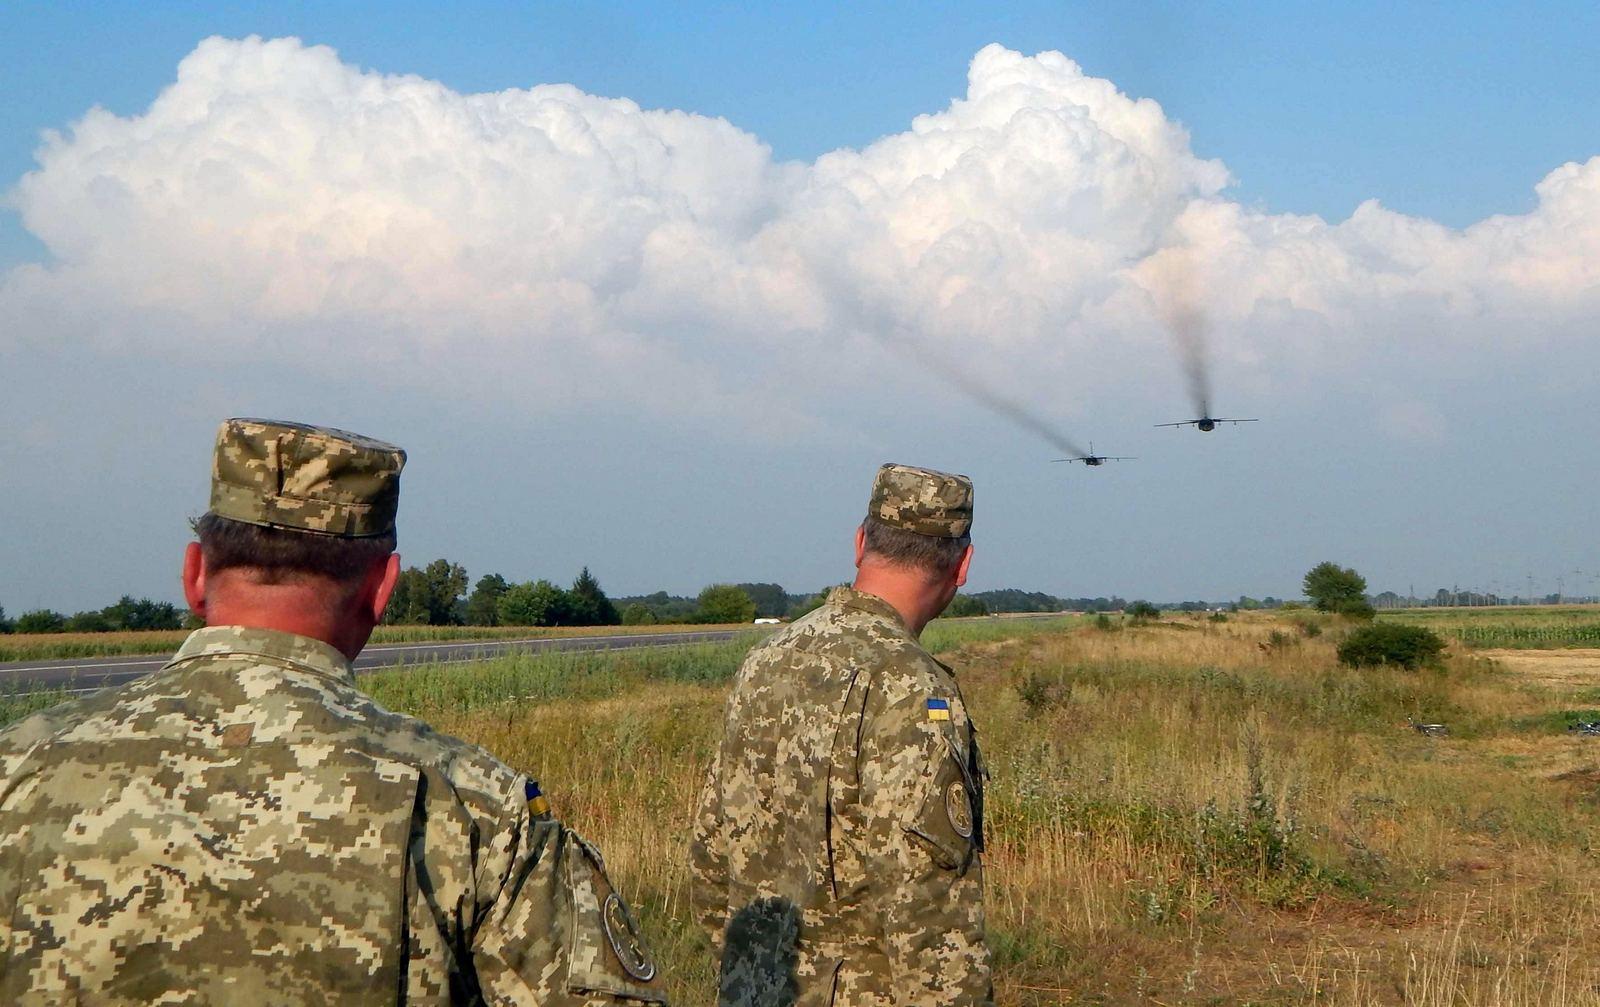 На міжнародну трасу сіли українські винищувачі (ВІДЕО, ФОТО) - фото 2